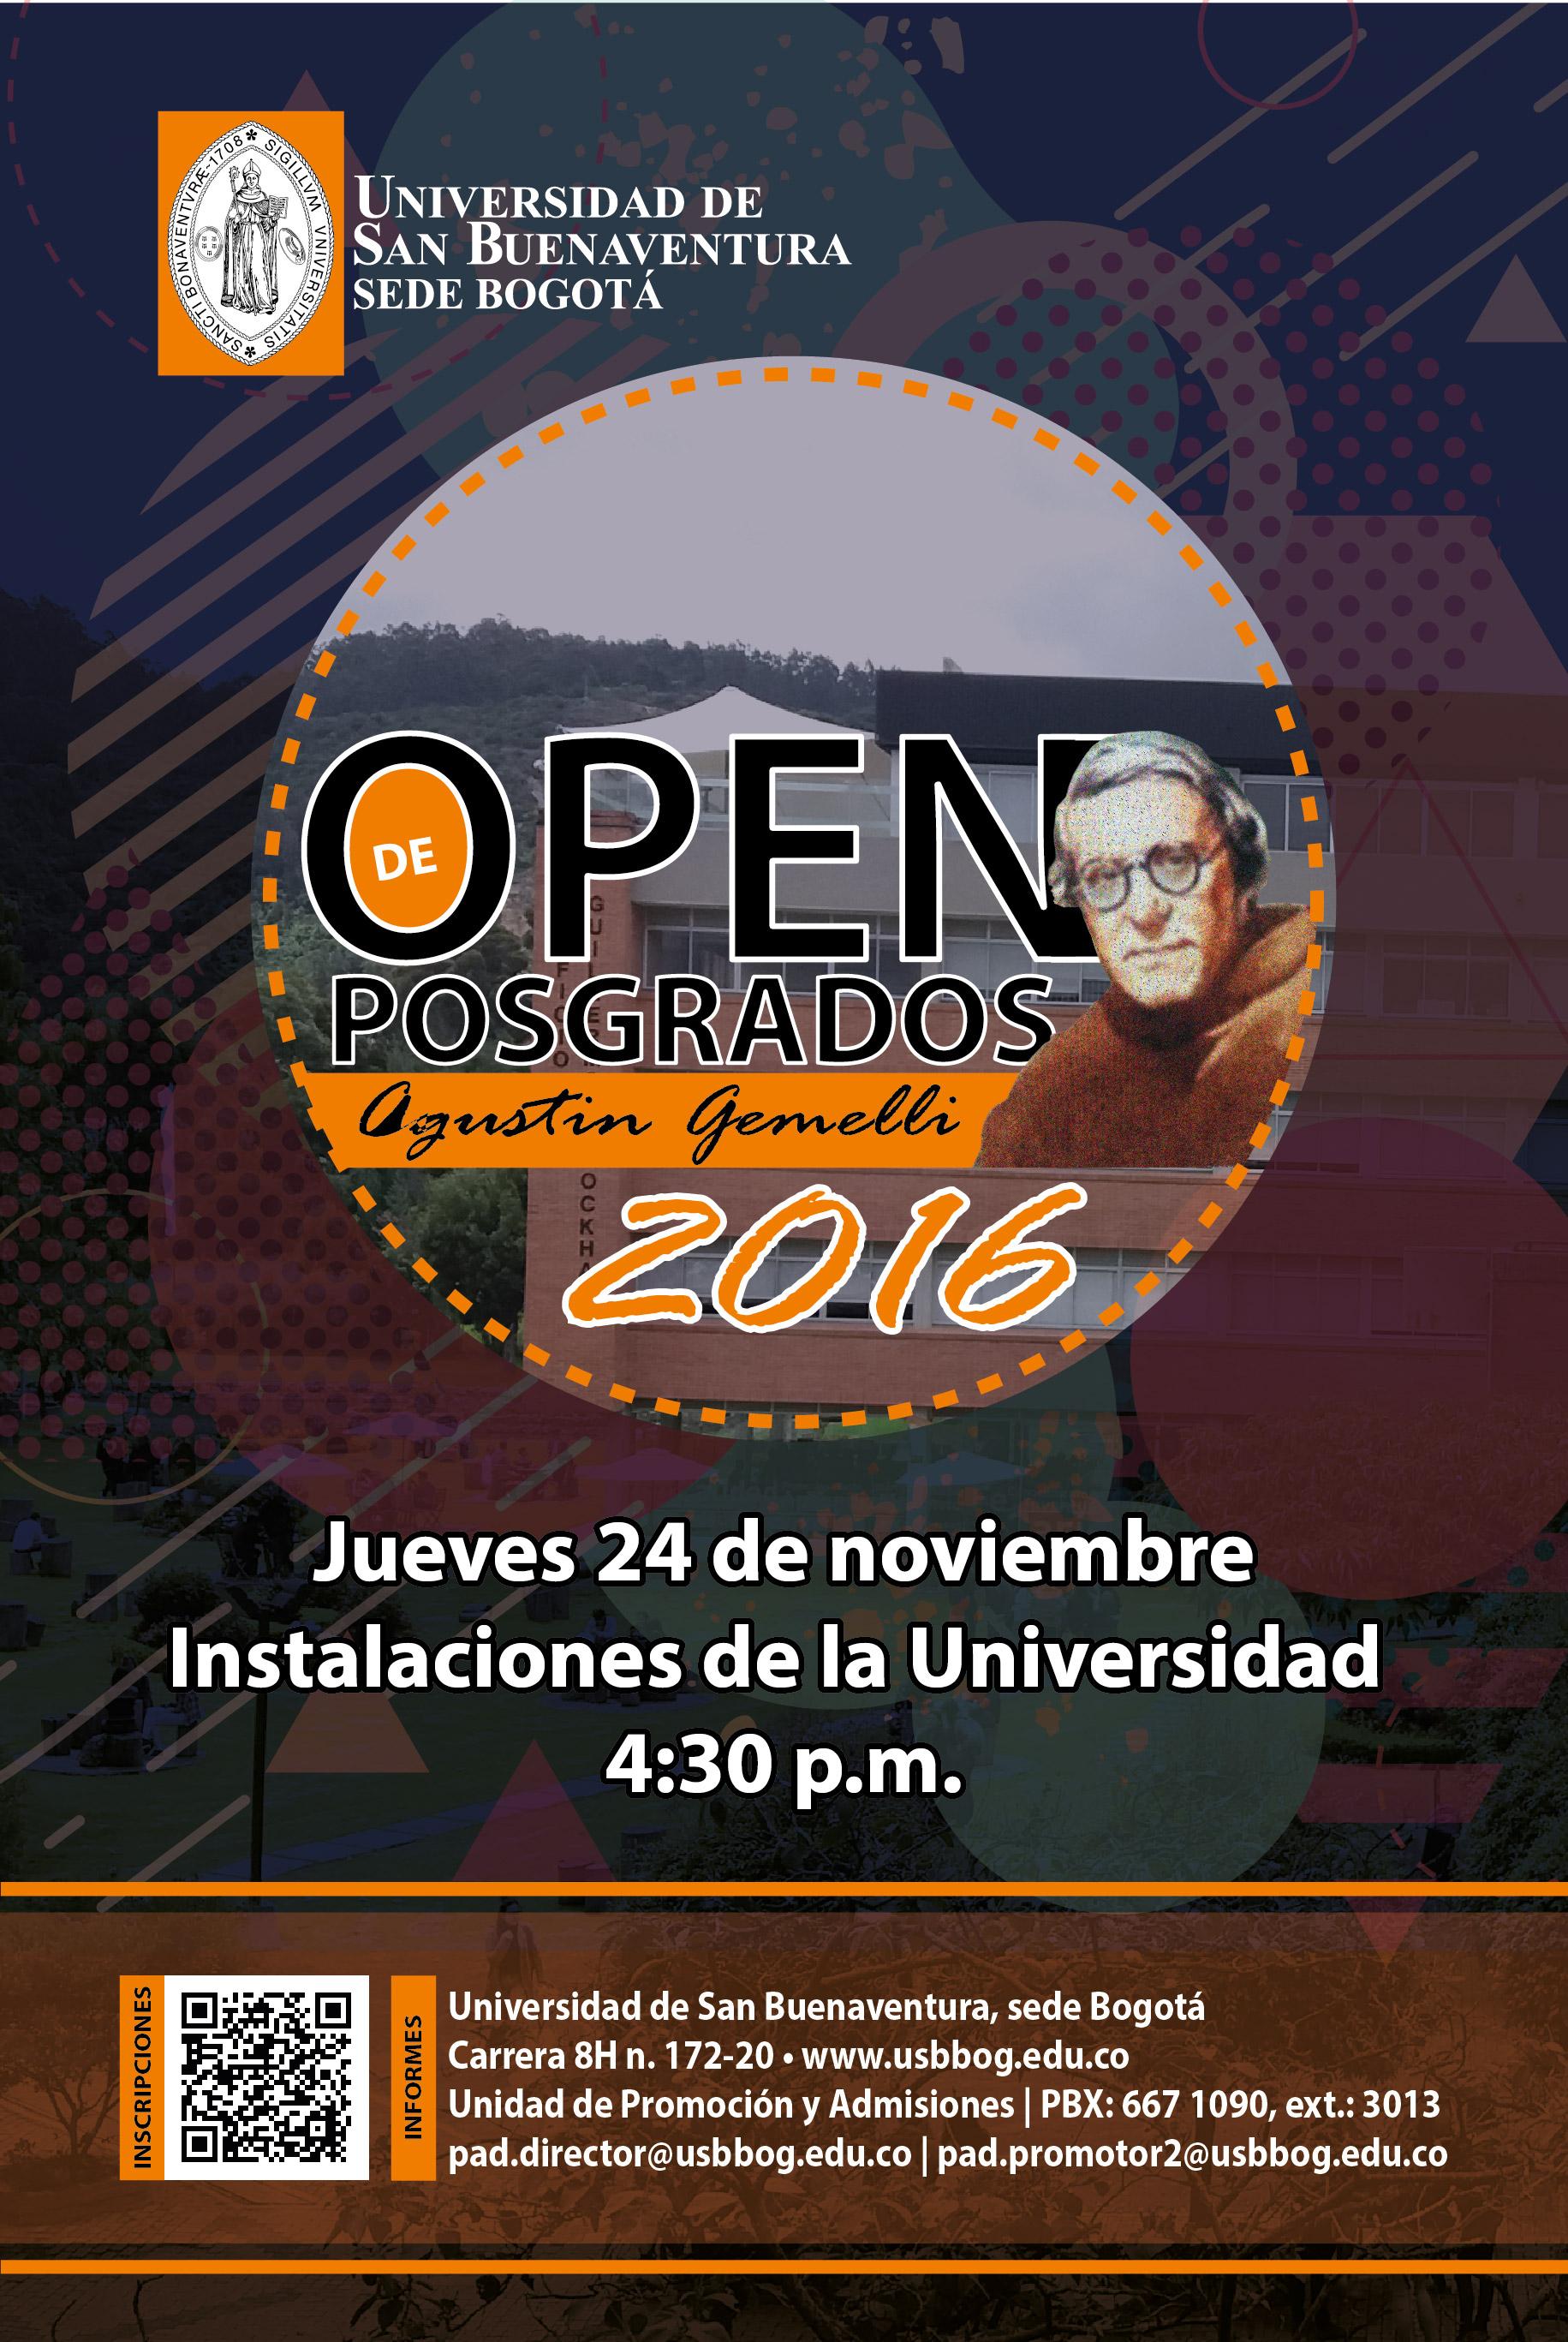 Open_posgrados-01